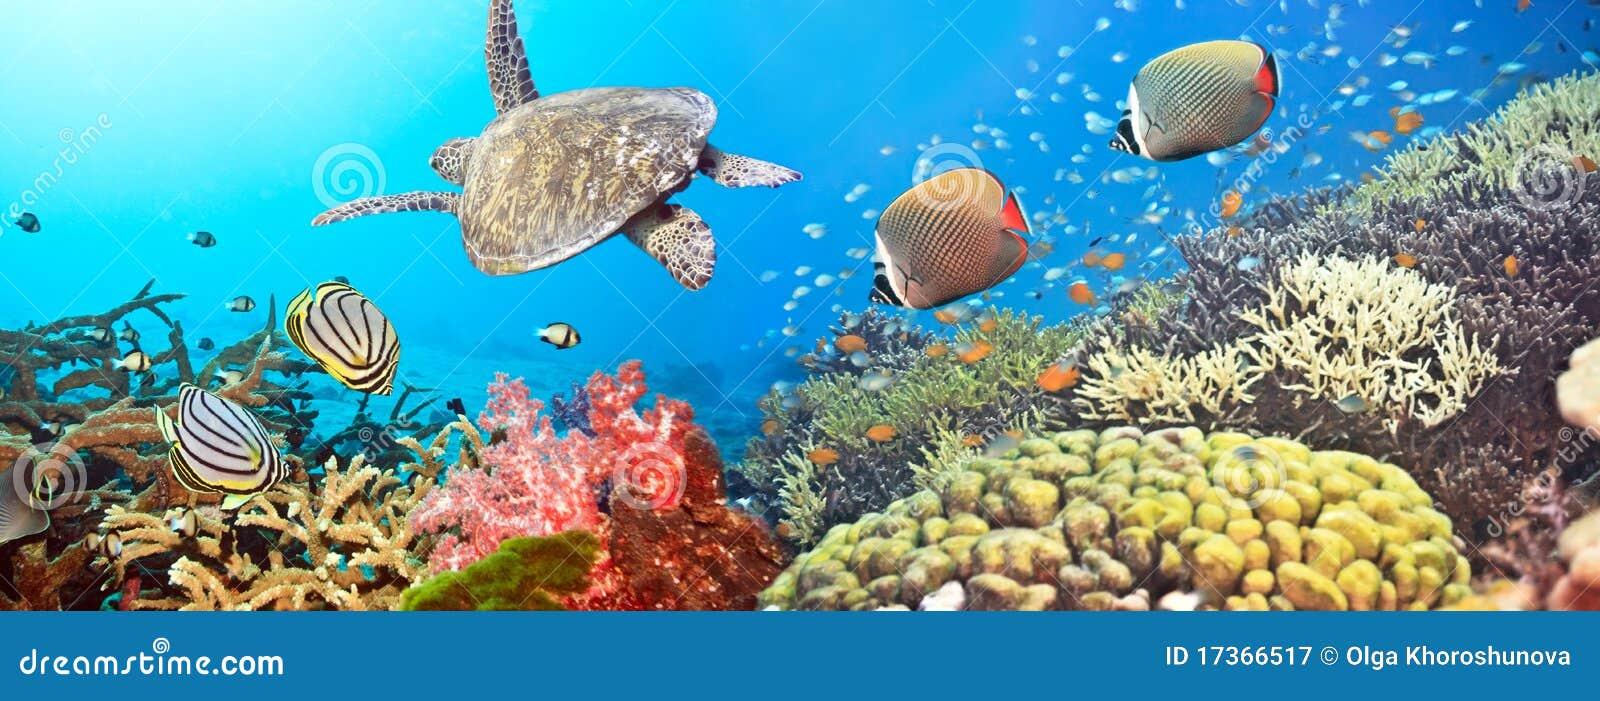 Panorama subacuático